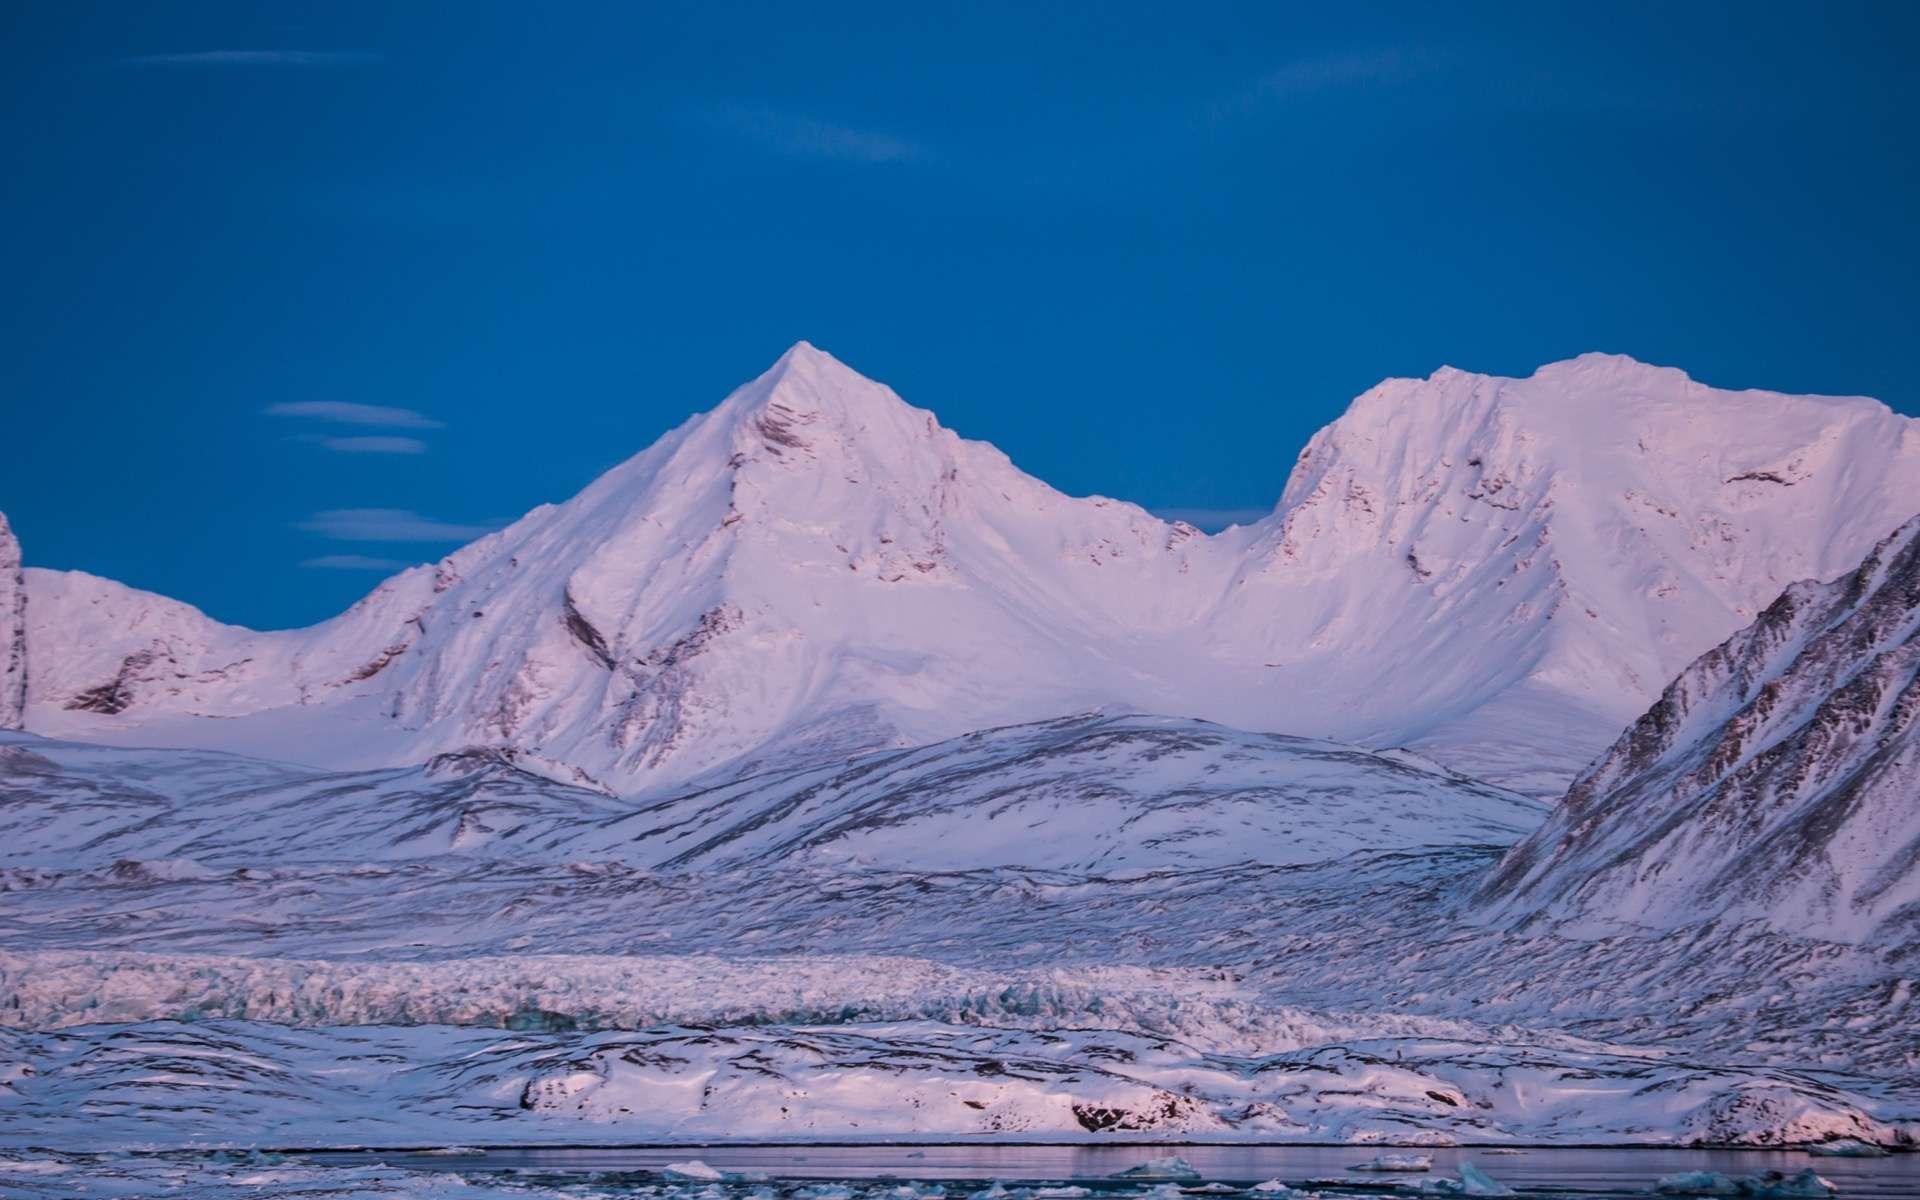 Les montagnes du Svalbard, sur l'île norvégienne du Spitzberg, abritent déjà la plus grande réserve de semences du monde. © Blackspeed, Adobe Stock